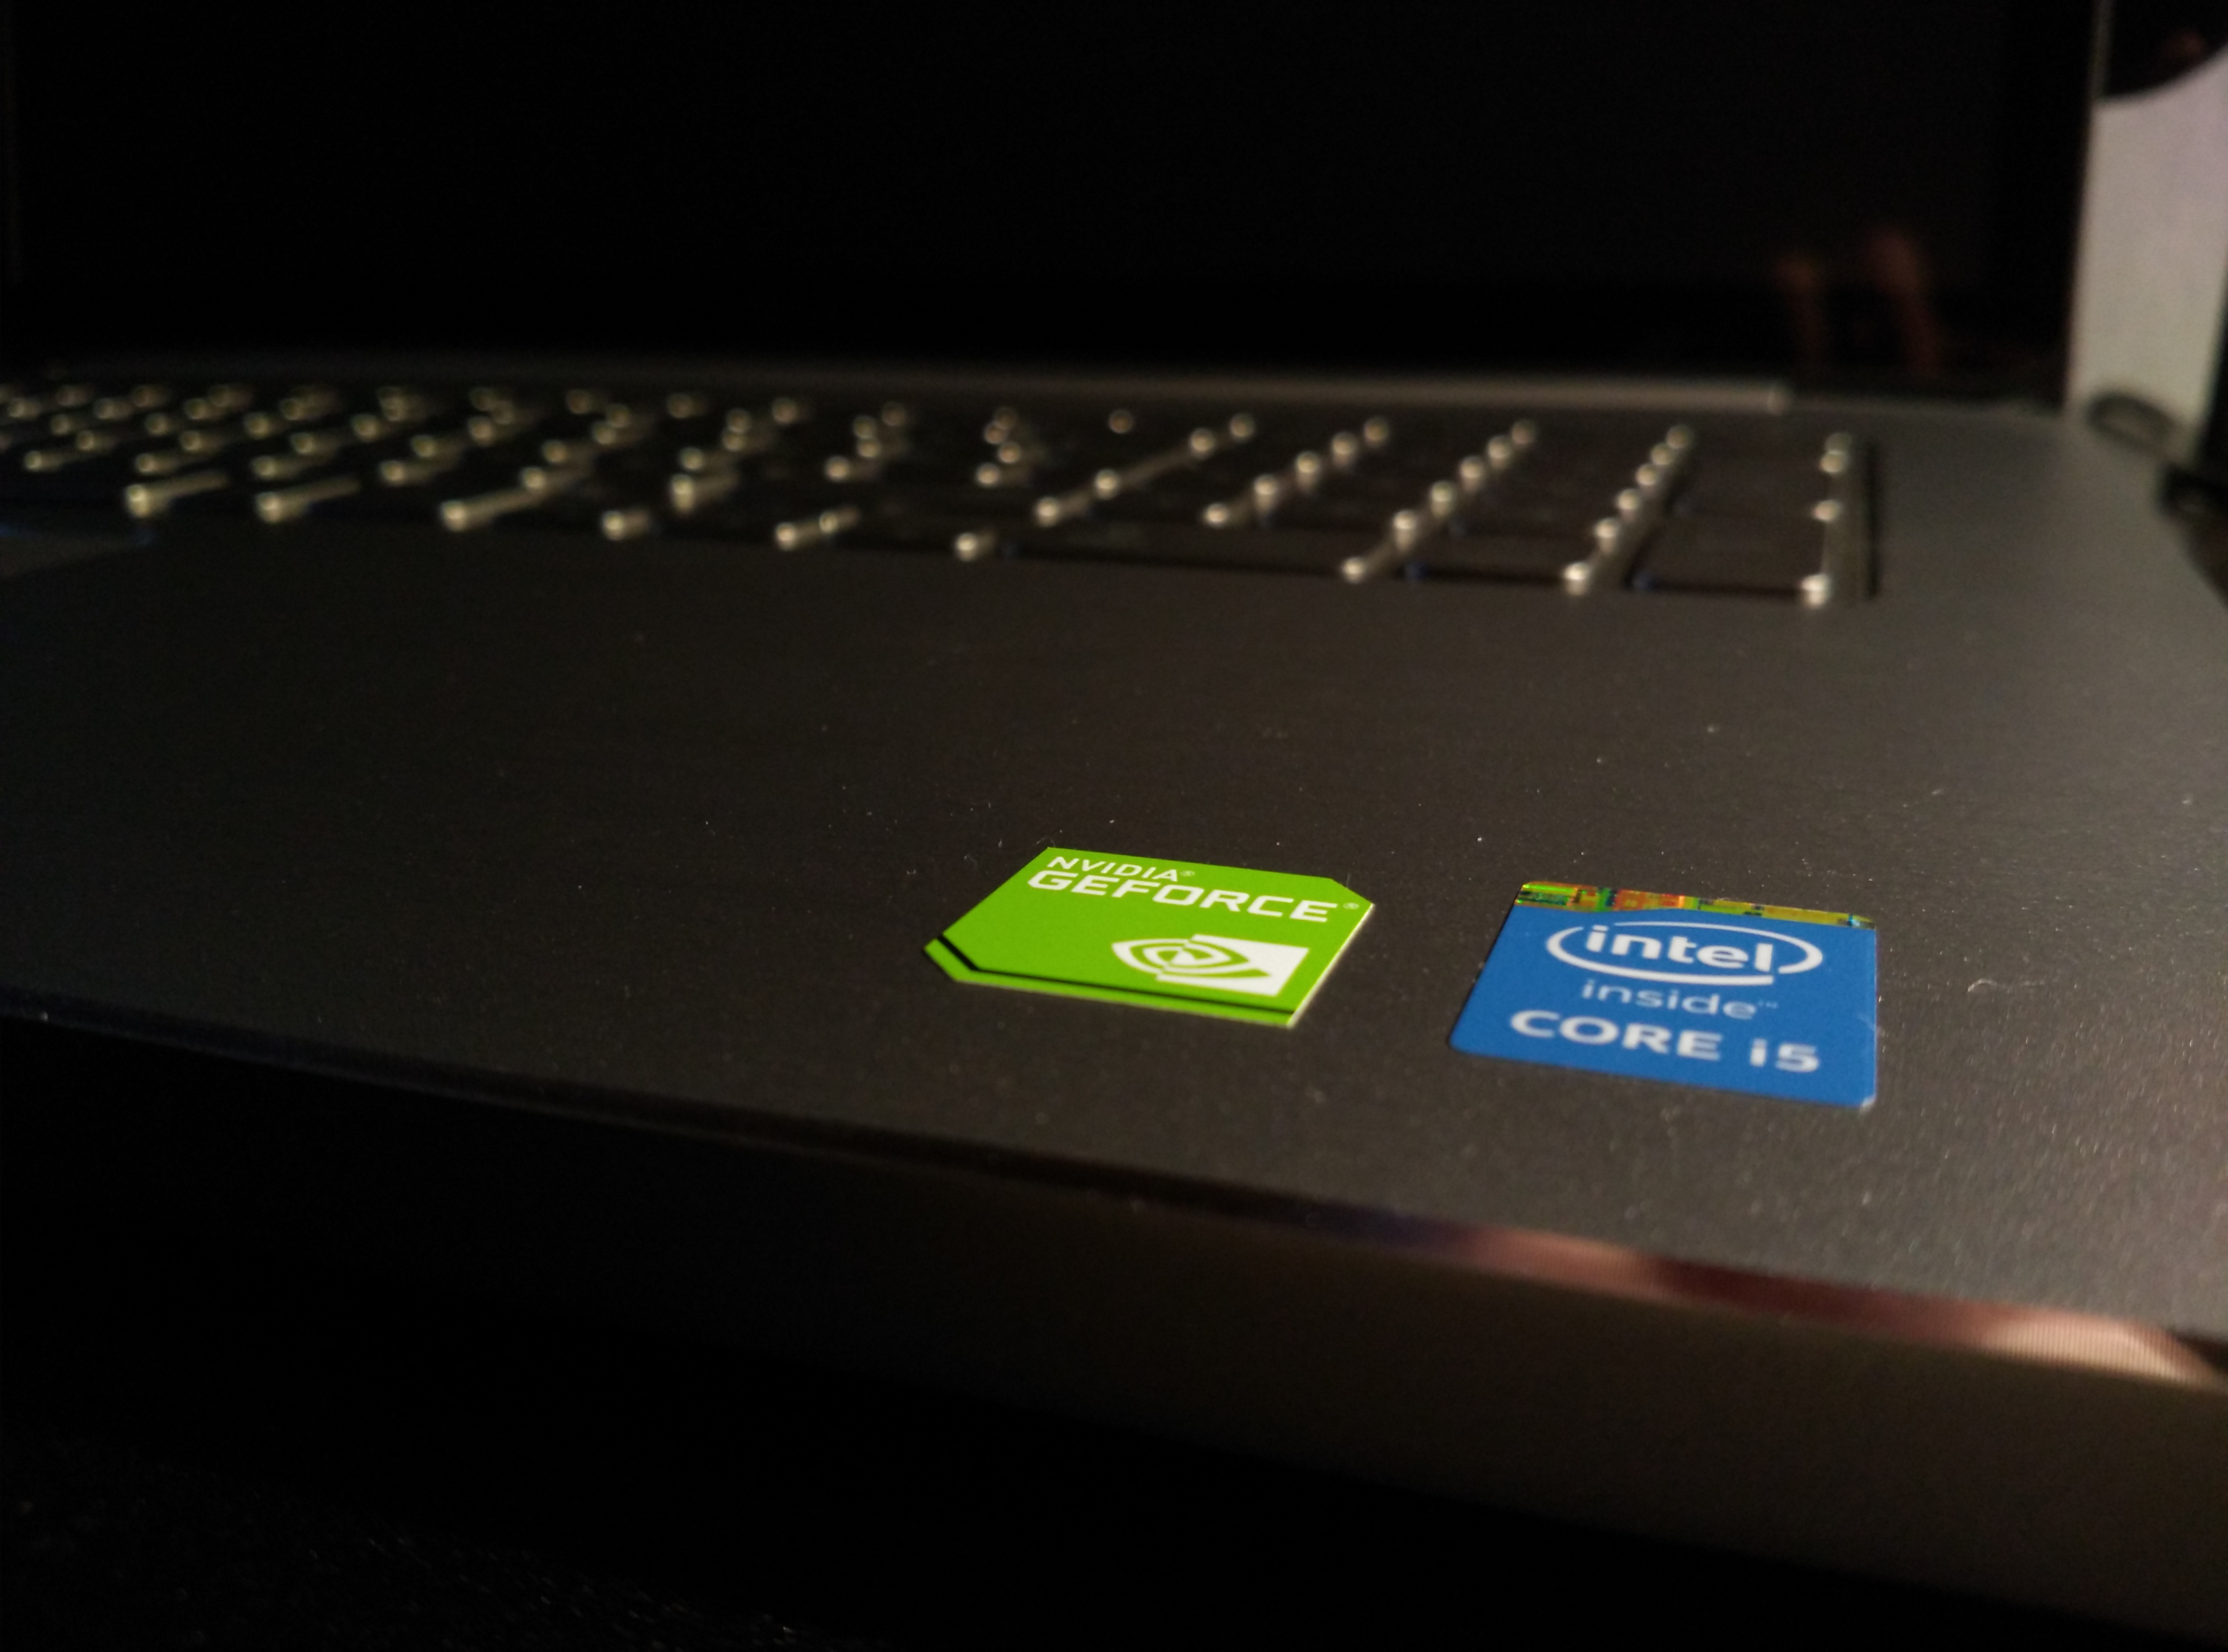 Dell Inspiron 7746 teszt